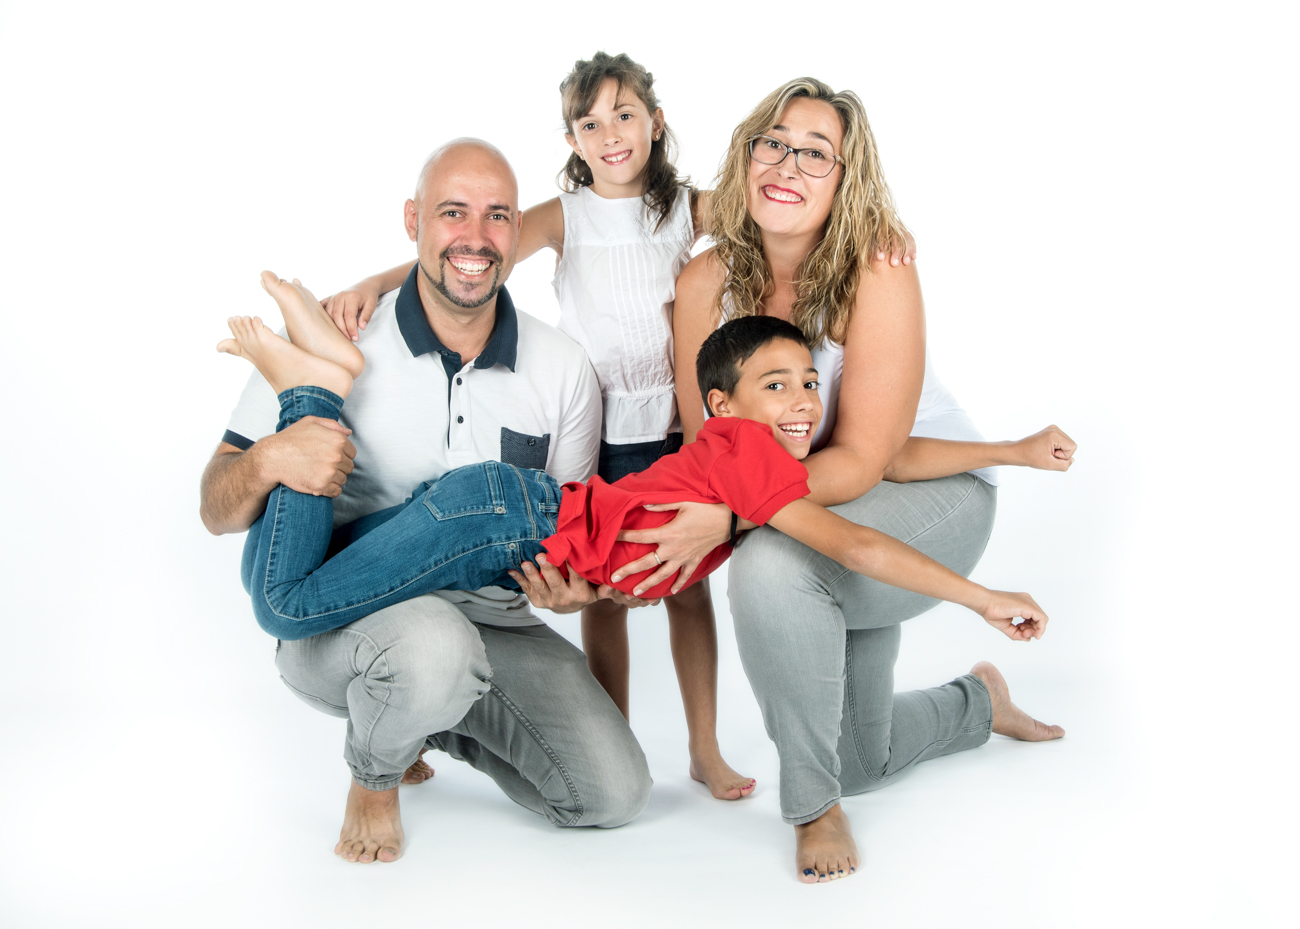 FOTOGRAFÍA DE FAMILIA - Fotógrafos profesionales de Familia en Guadalajara | Mónica López Fotografía